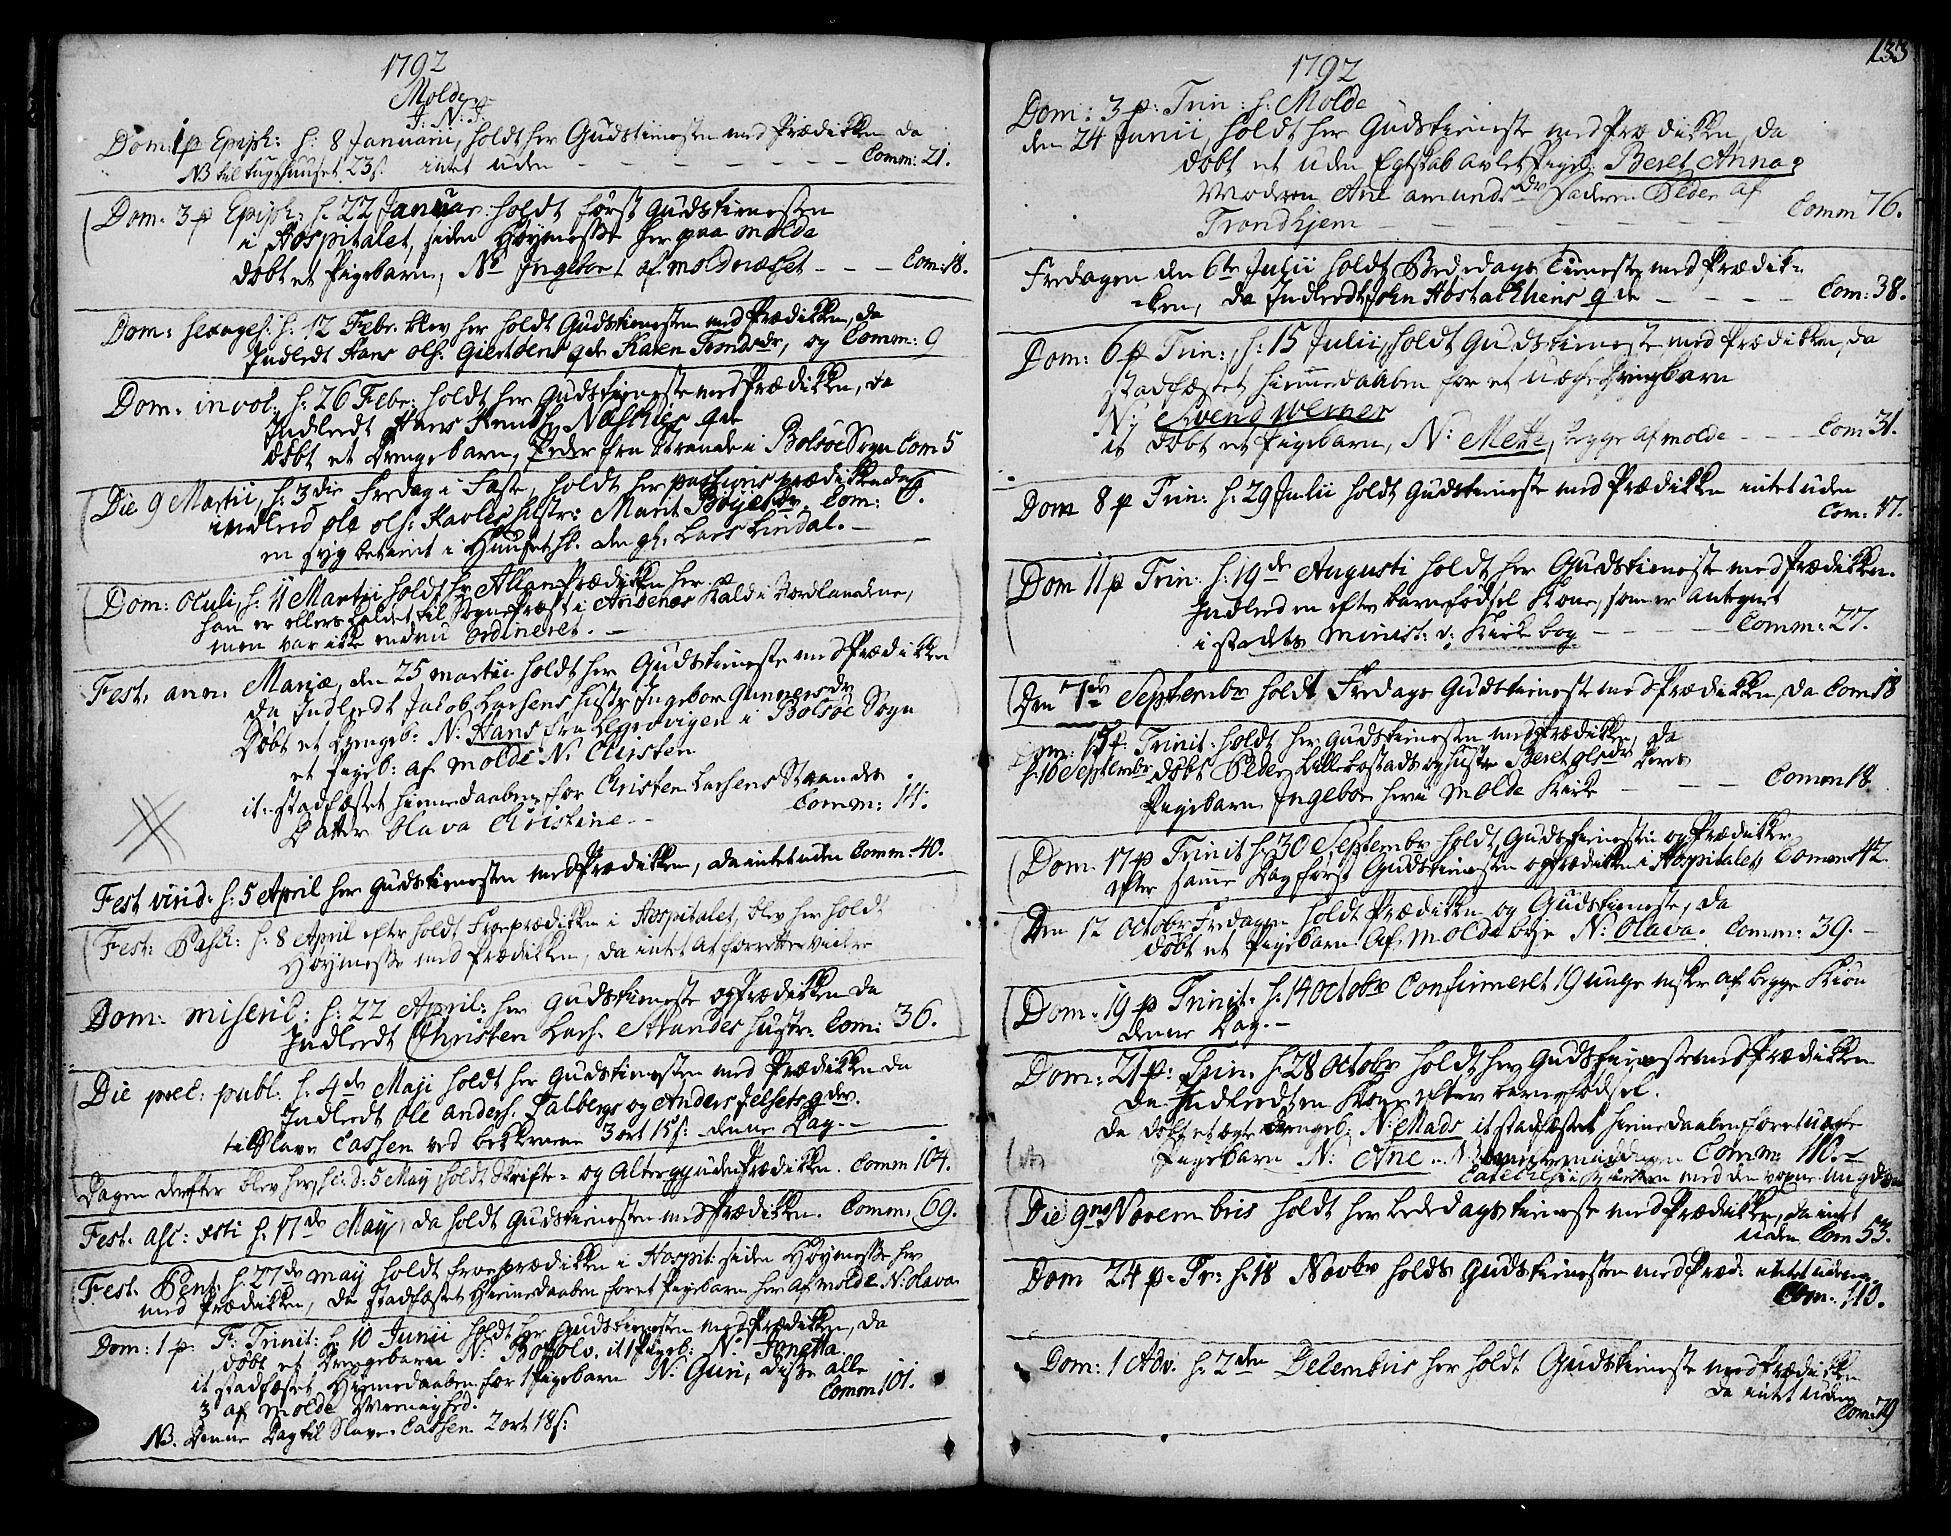 SAT, Ministerialprotokoller, klokkerbøker og fødselsregistre - Møre og Romsdal, 555/L0648: Parish register (official) no. 555A01, 1759-1793, p. 133